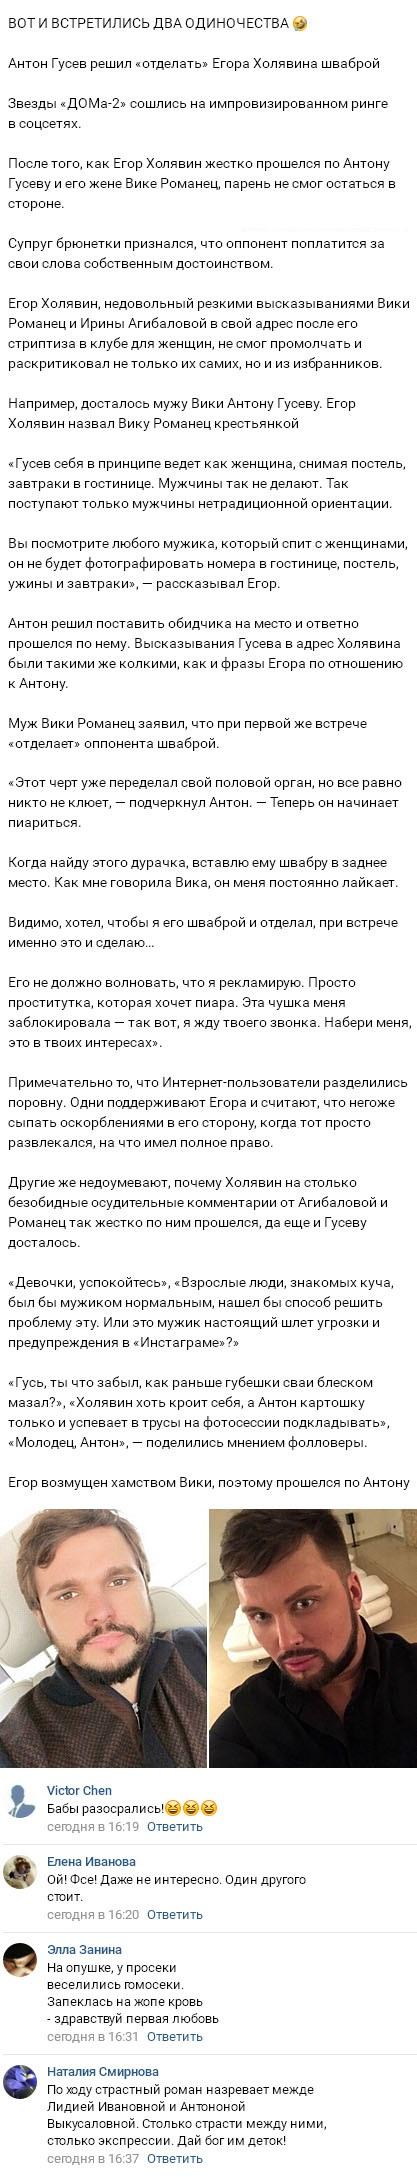 Нешуточная война между Егором Холявиным и Антоном Гусевым